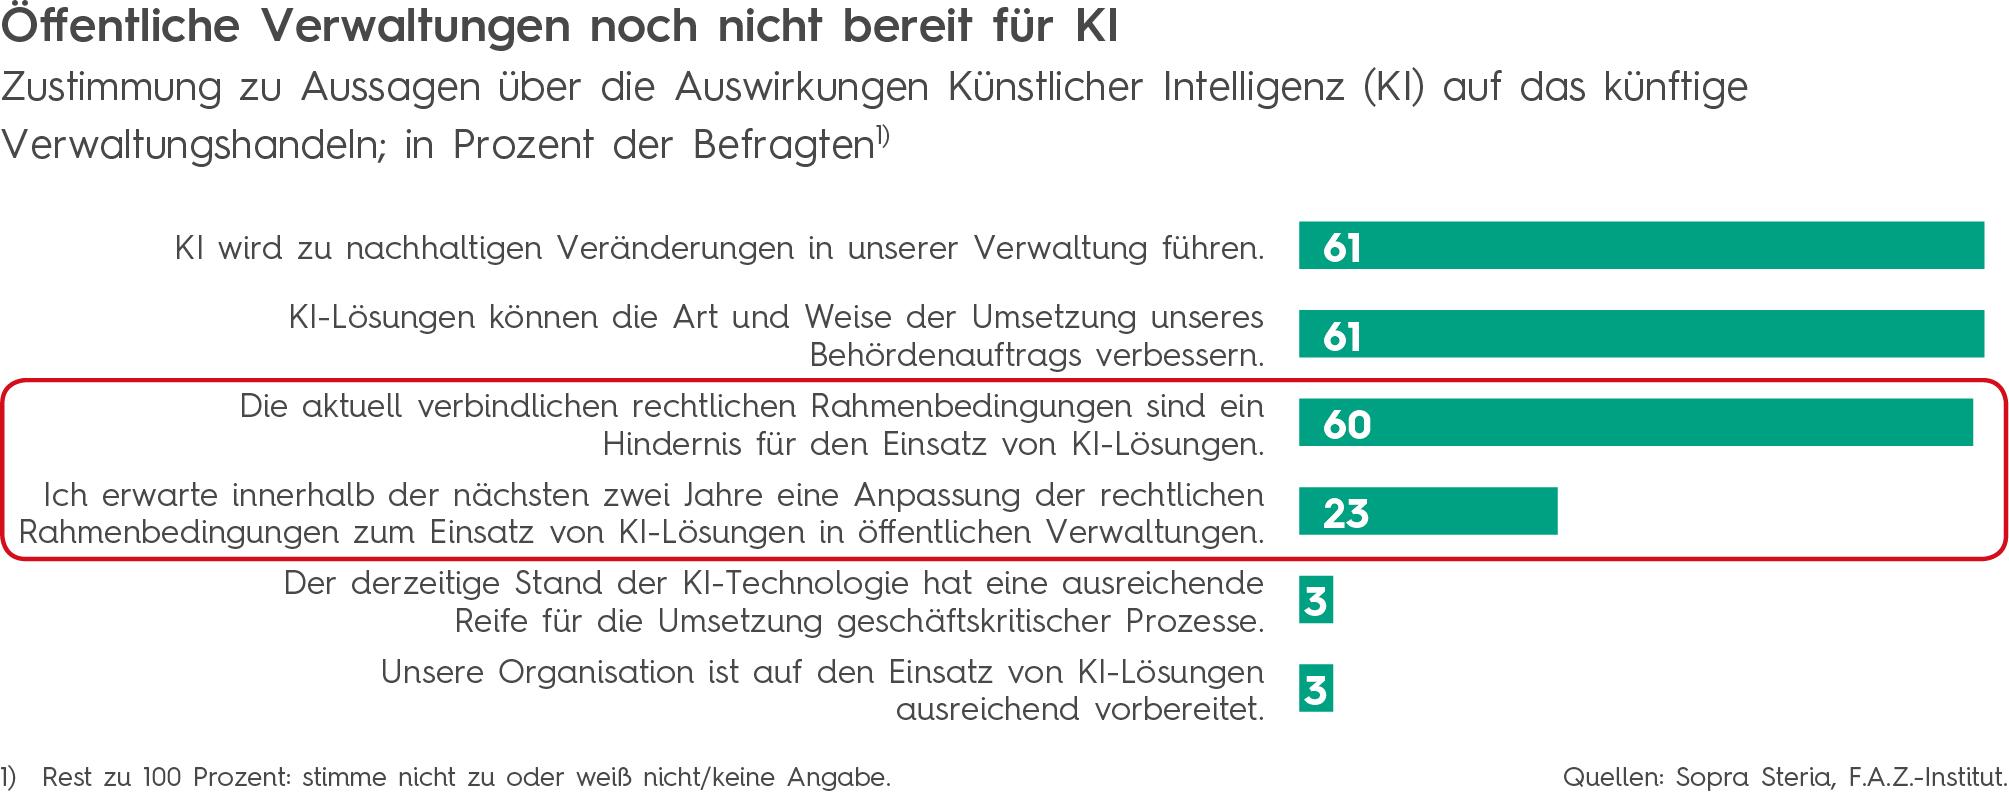 BK Public Sector Auswirkungen Künstliche Intelligenz